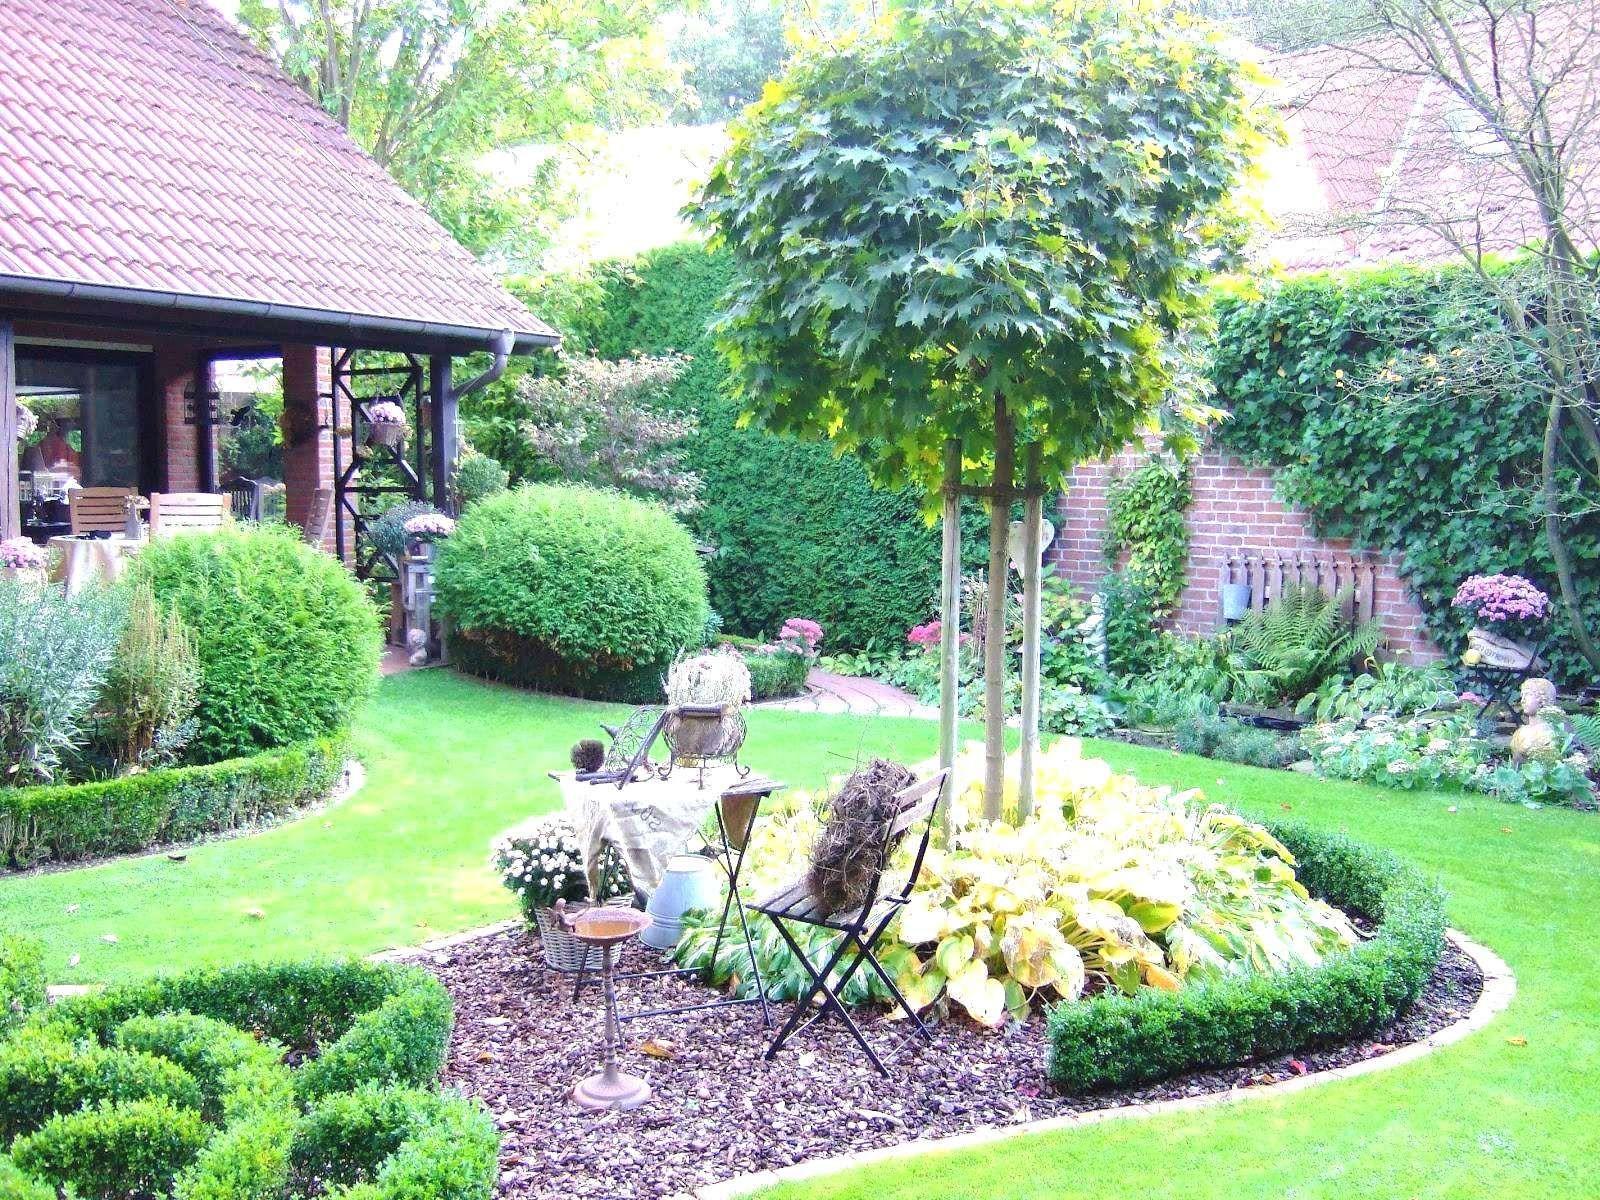 Garten Umgestalten Schön Garten Ideas Garten Anlegen Inspirational Aussenleuchten